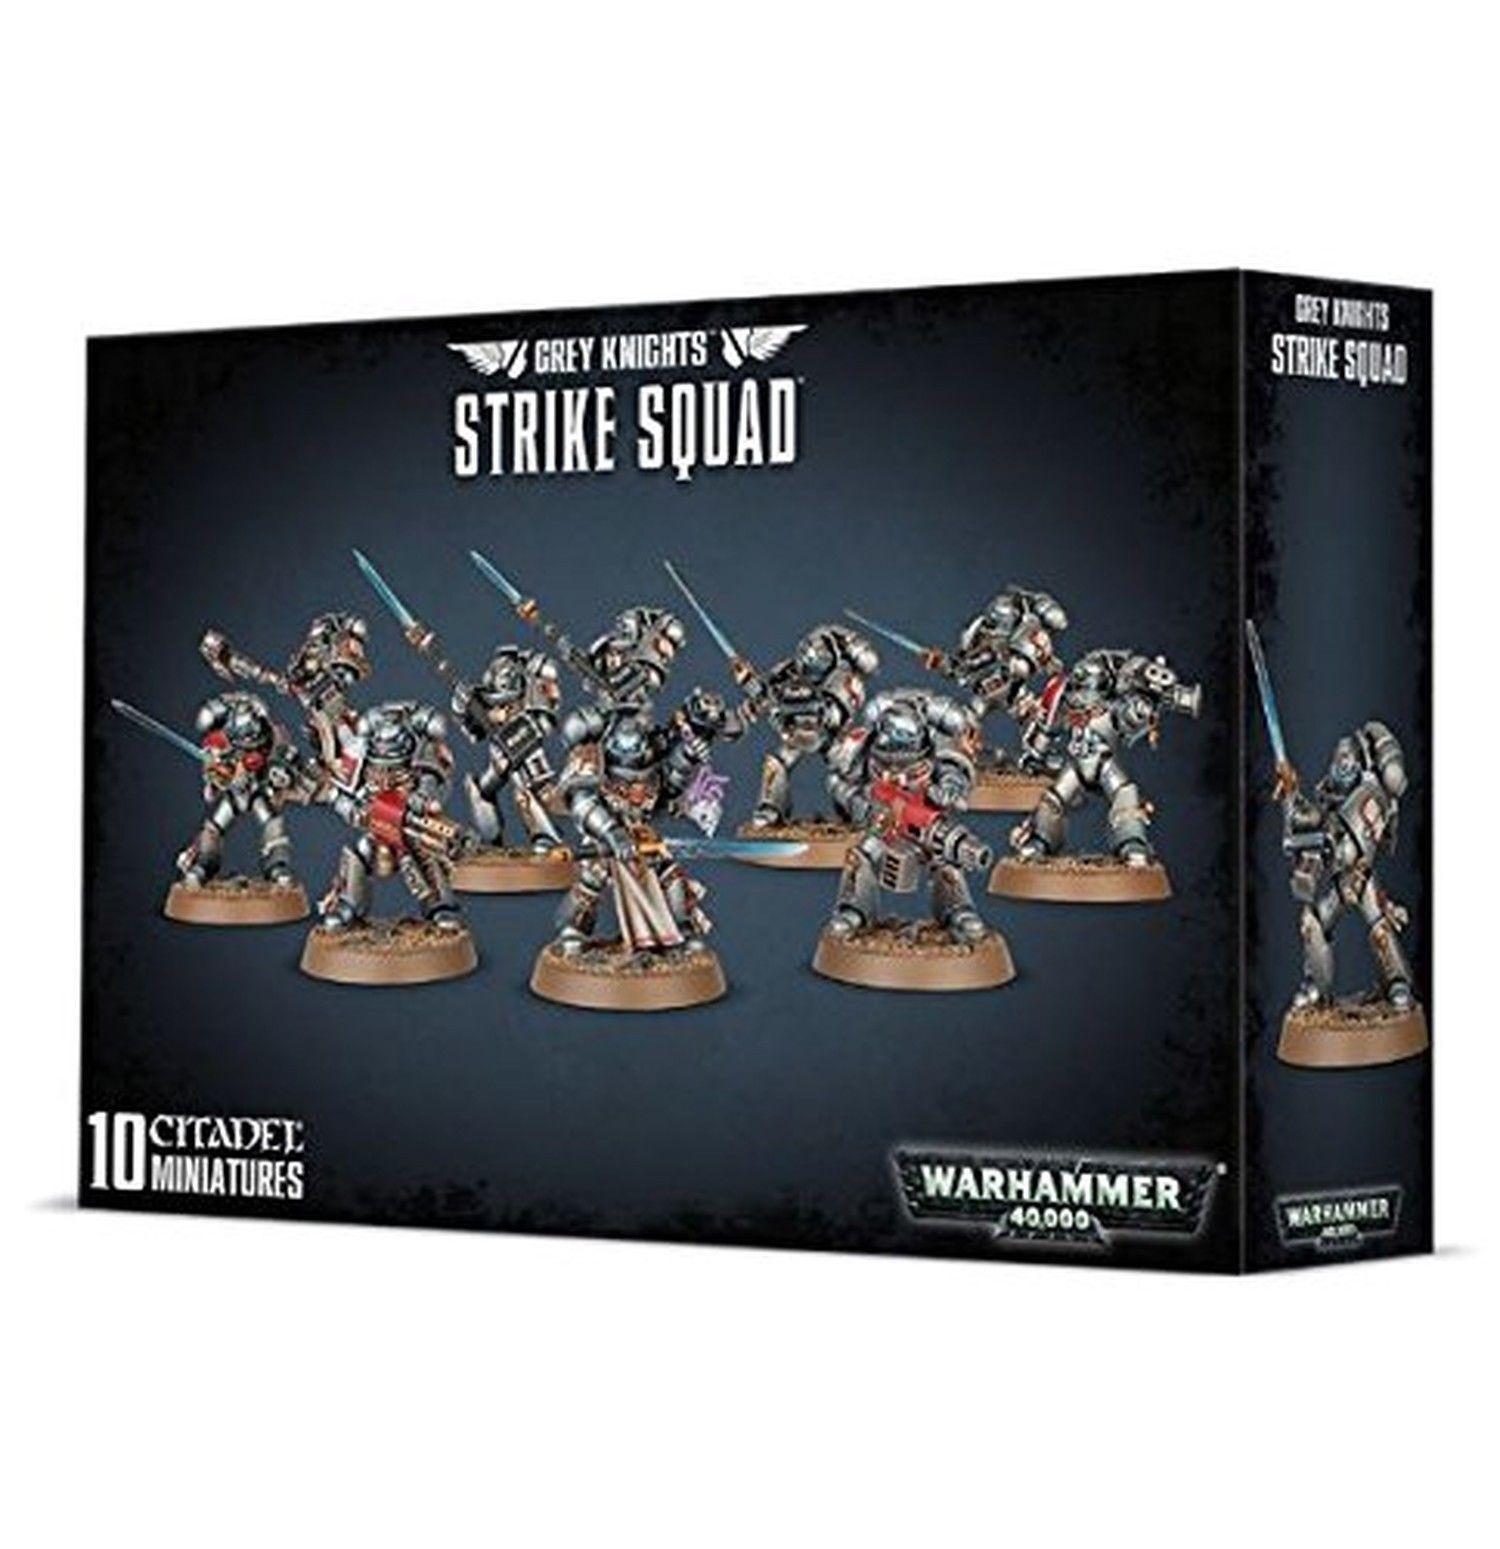 Warhammer 40k - grauen ritter strike team - brand new in box - 57-08